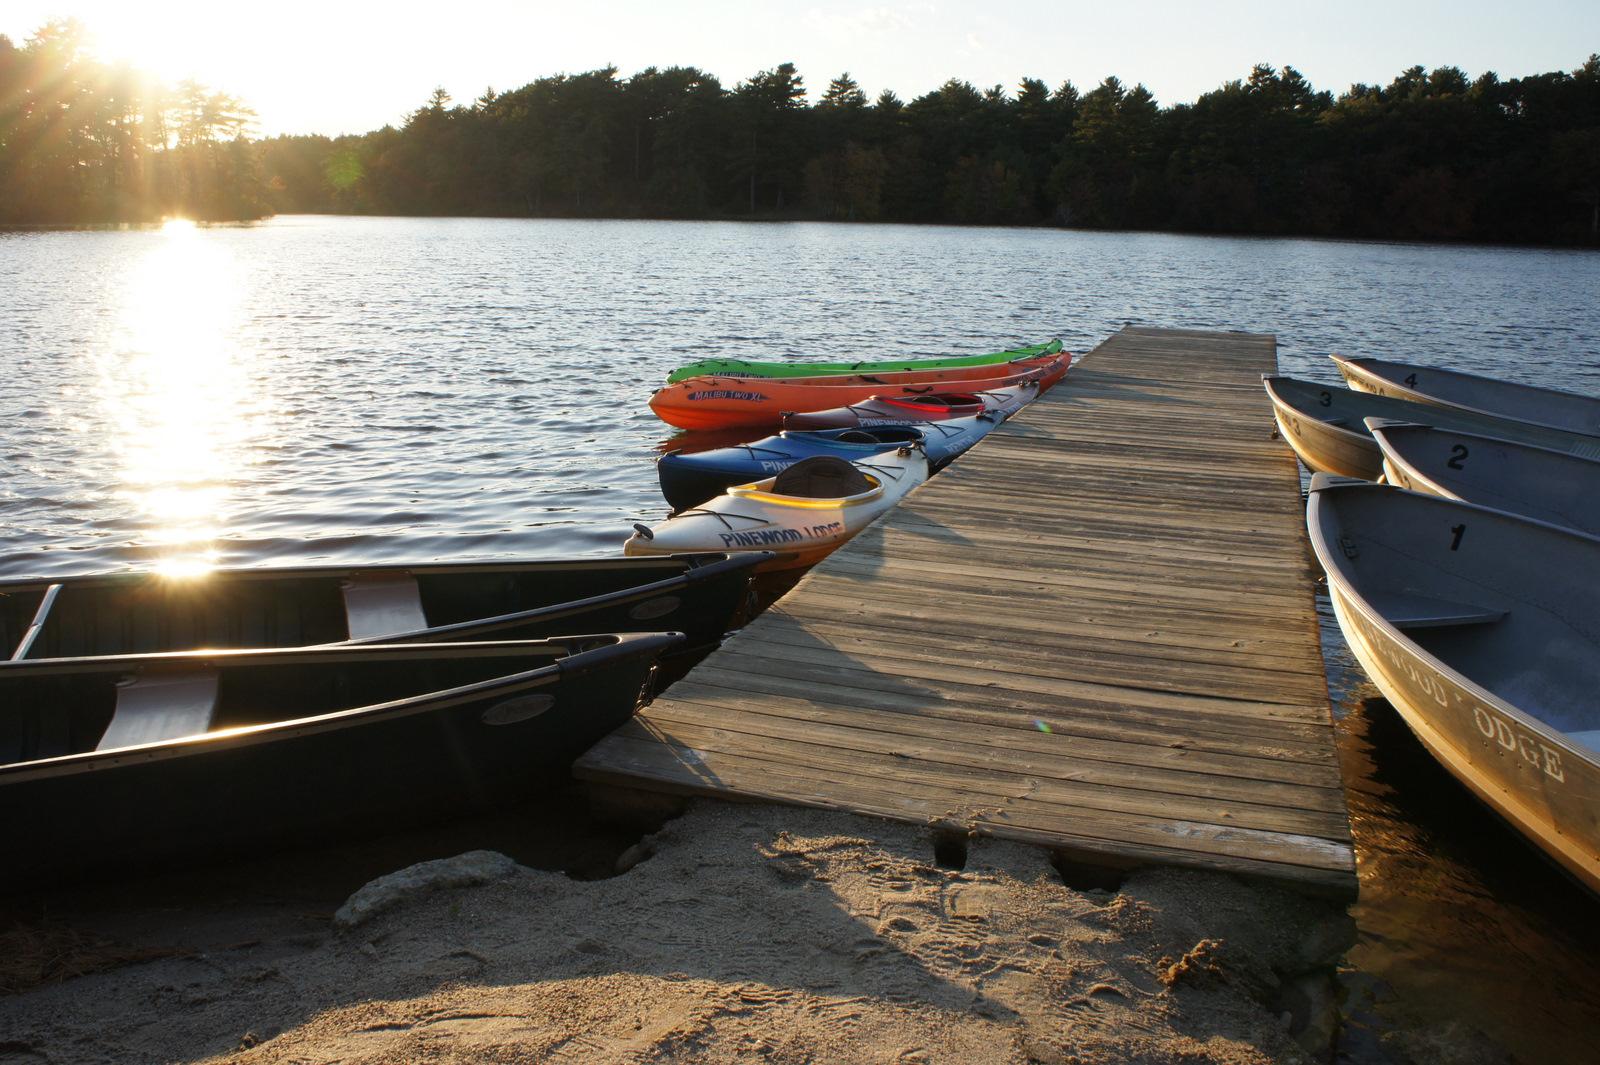 Mcu400 5 boat rentals